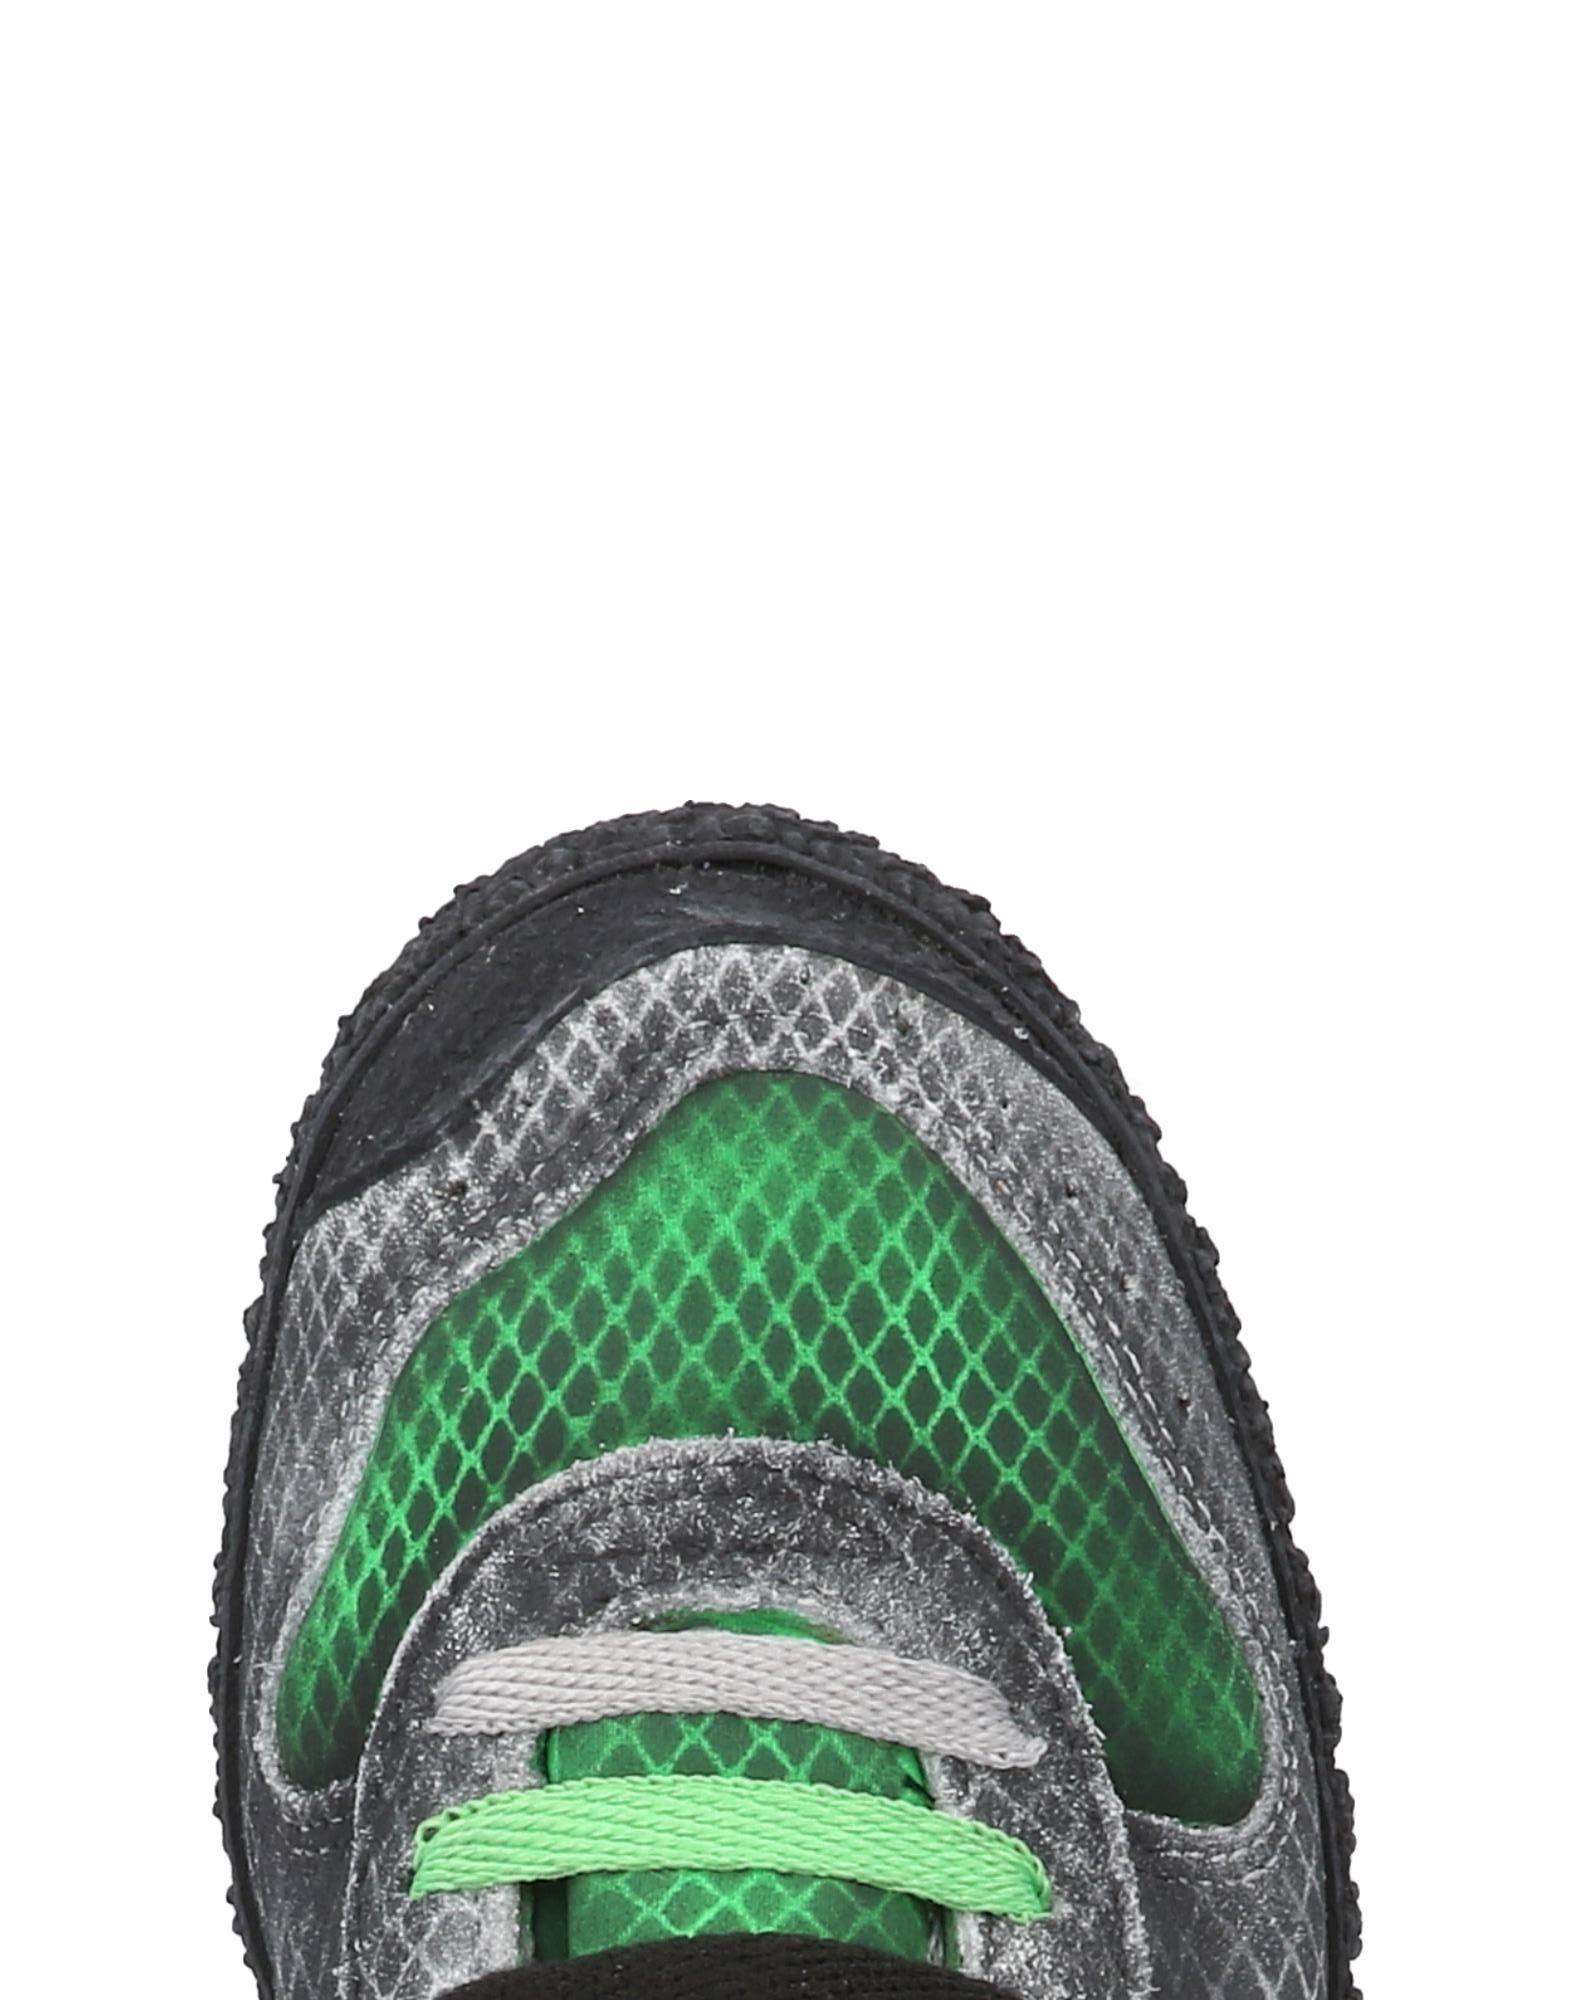 Munich Sneakers lohnt Damen Gutes Preis-Leistungs-Verhältnis, es lohnt Sneakers sich 2738 a541c9